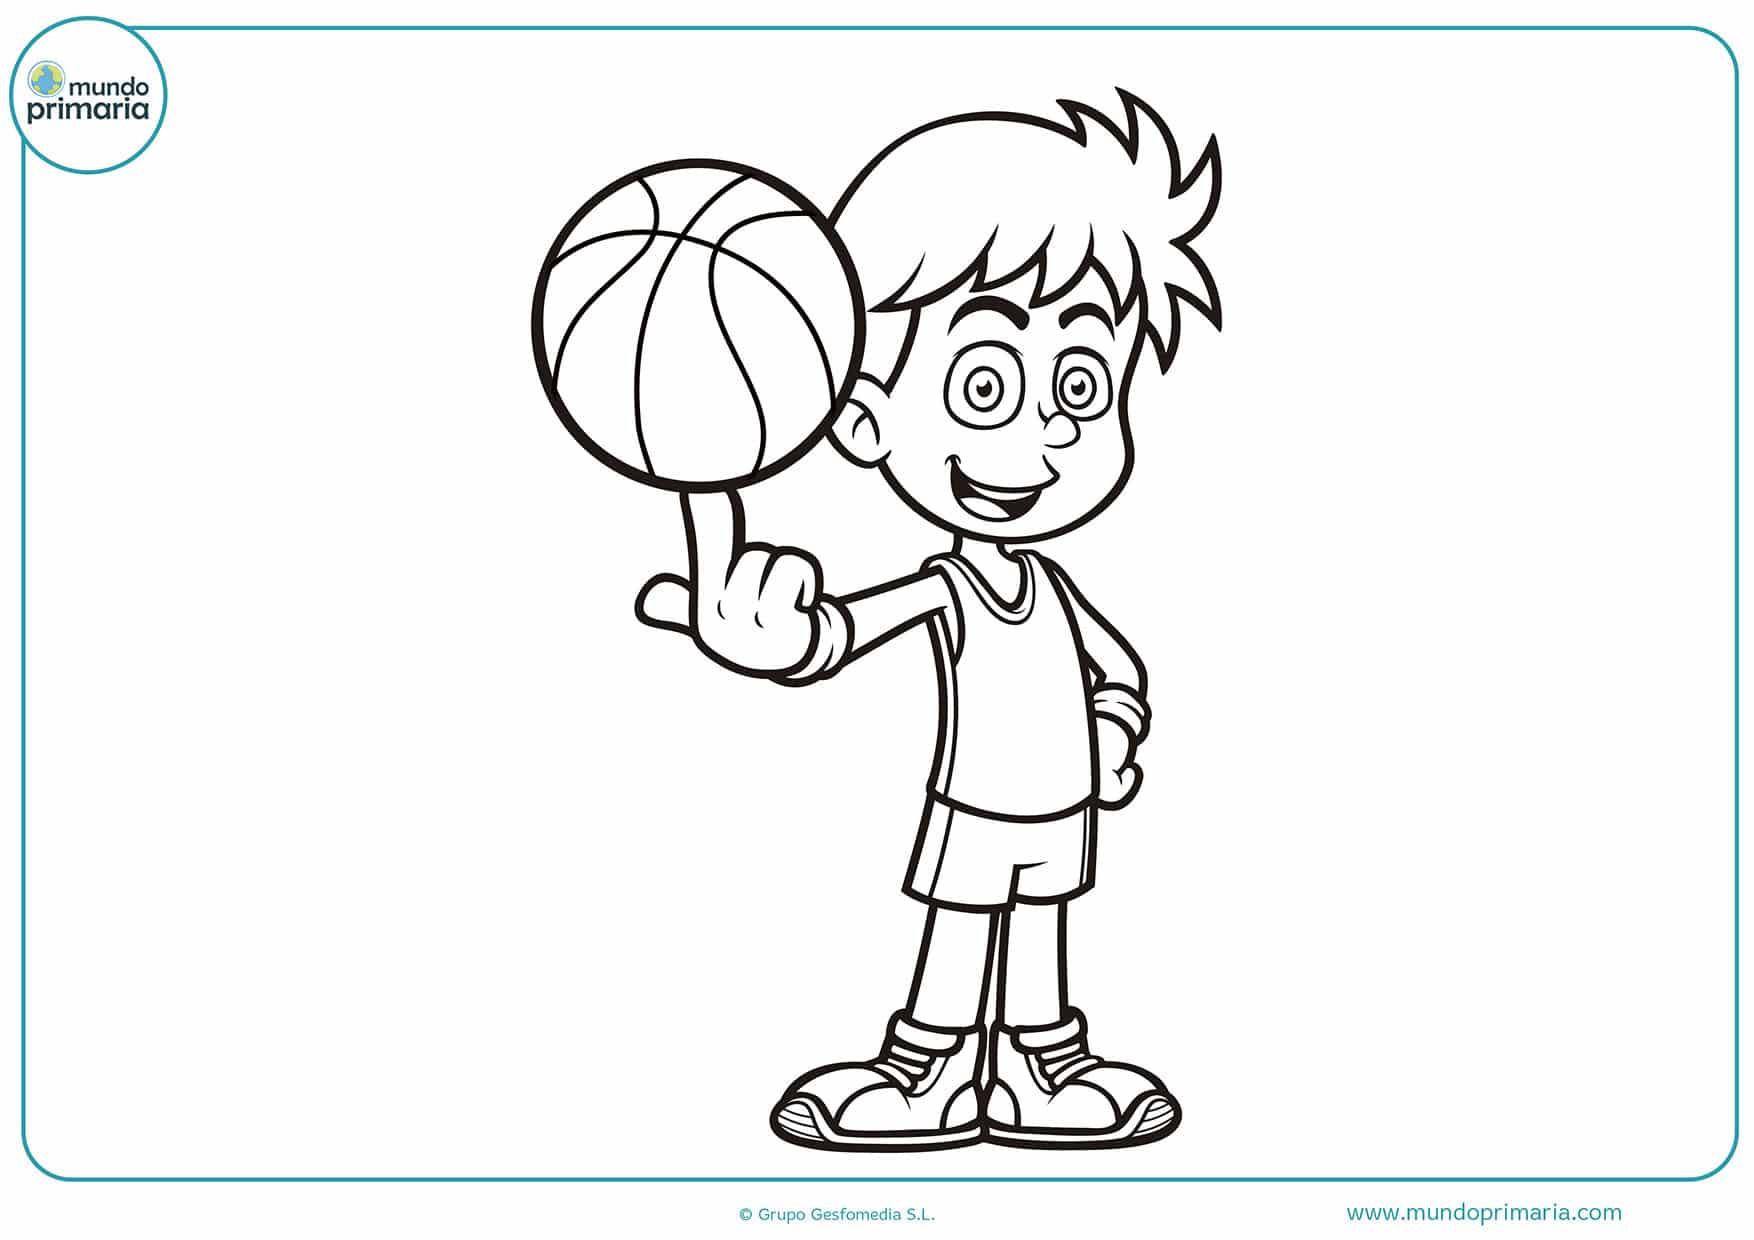 Pintar NiÑos Del Mundo: Dibujos De Baloncesto Para Colorear